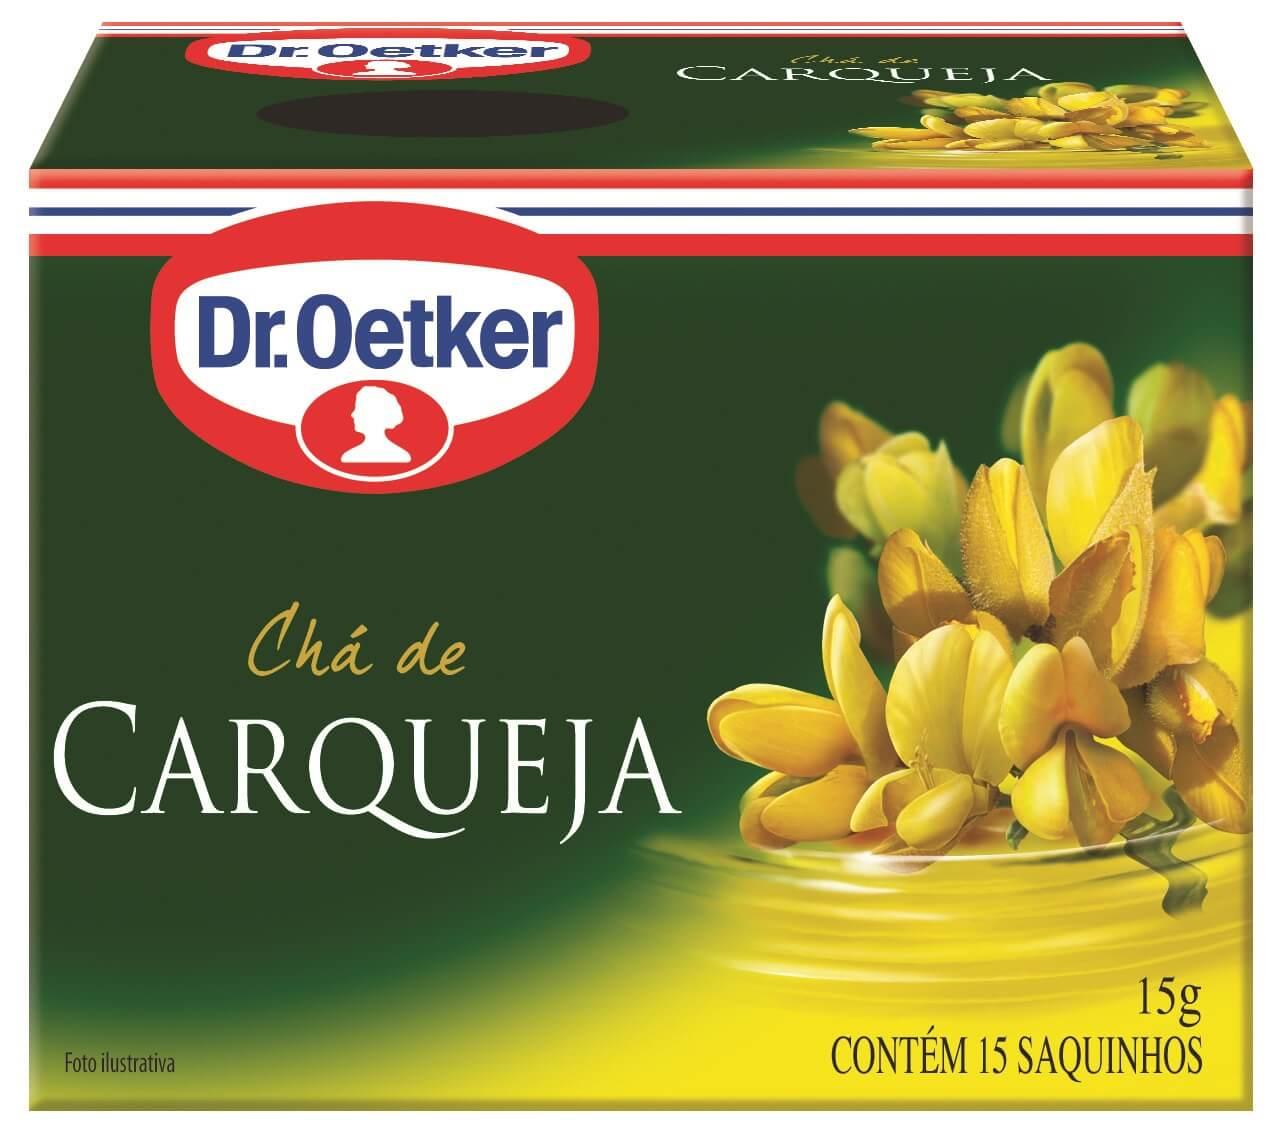 CHÁ DE CARQUEJA DR. OETKER